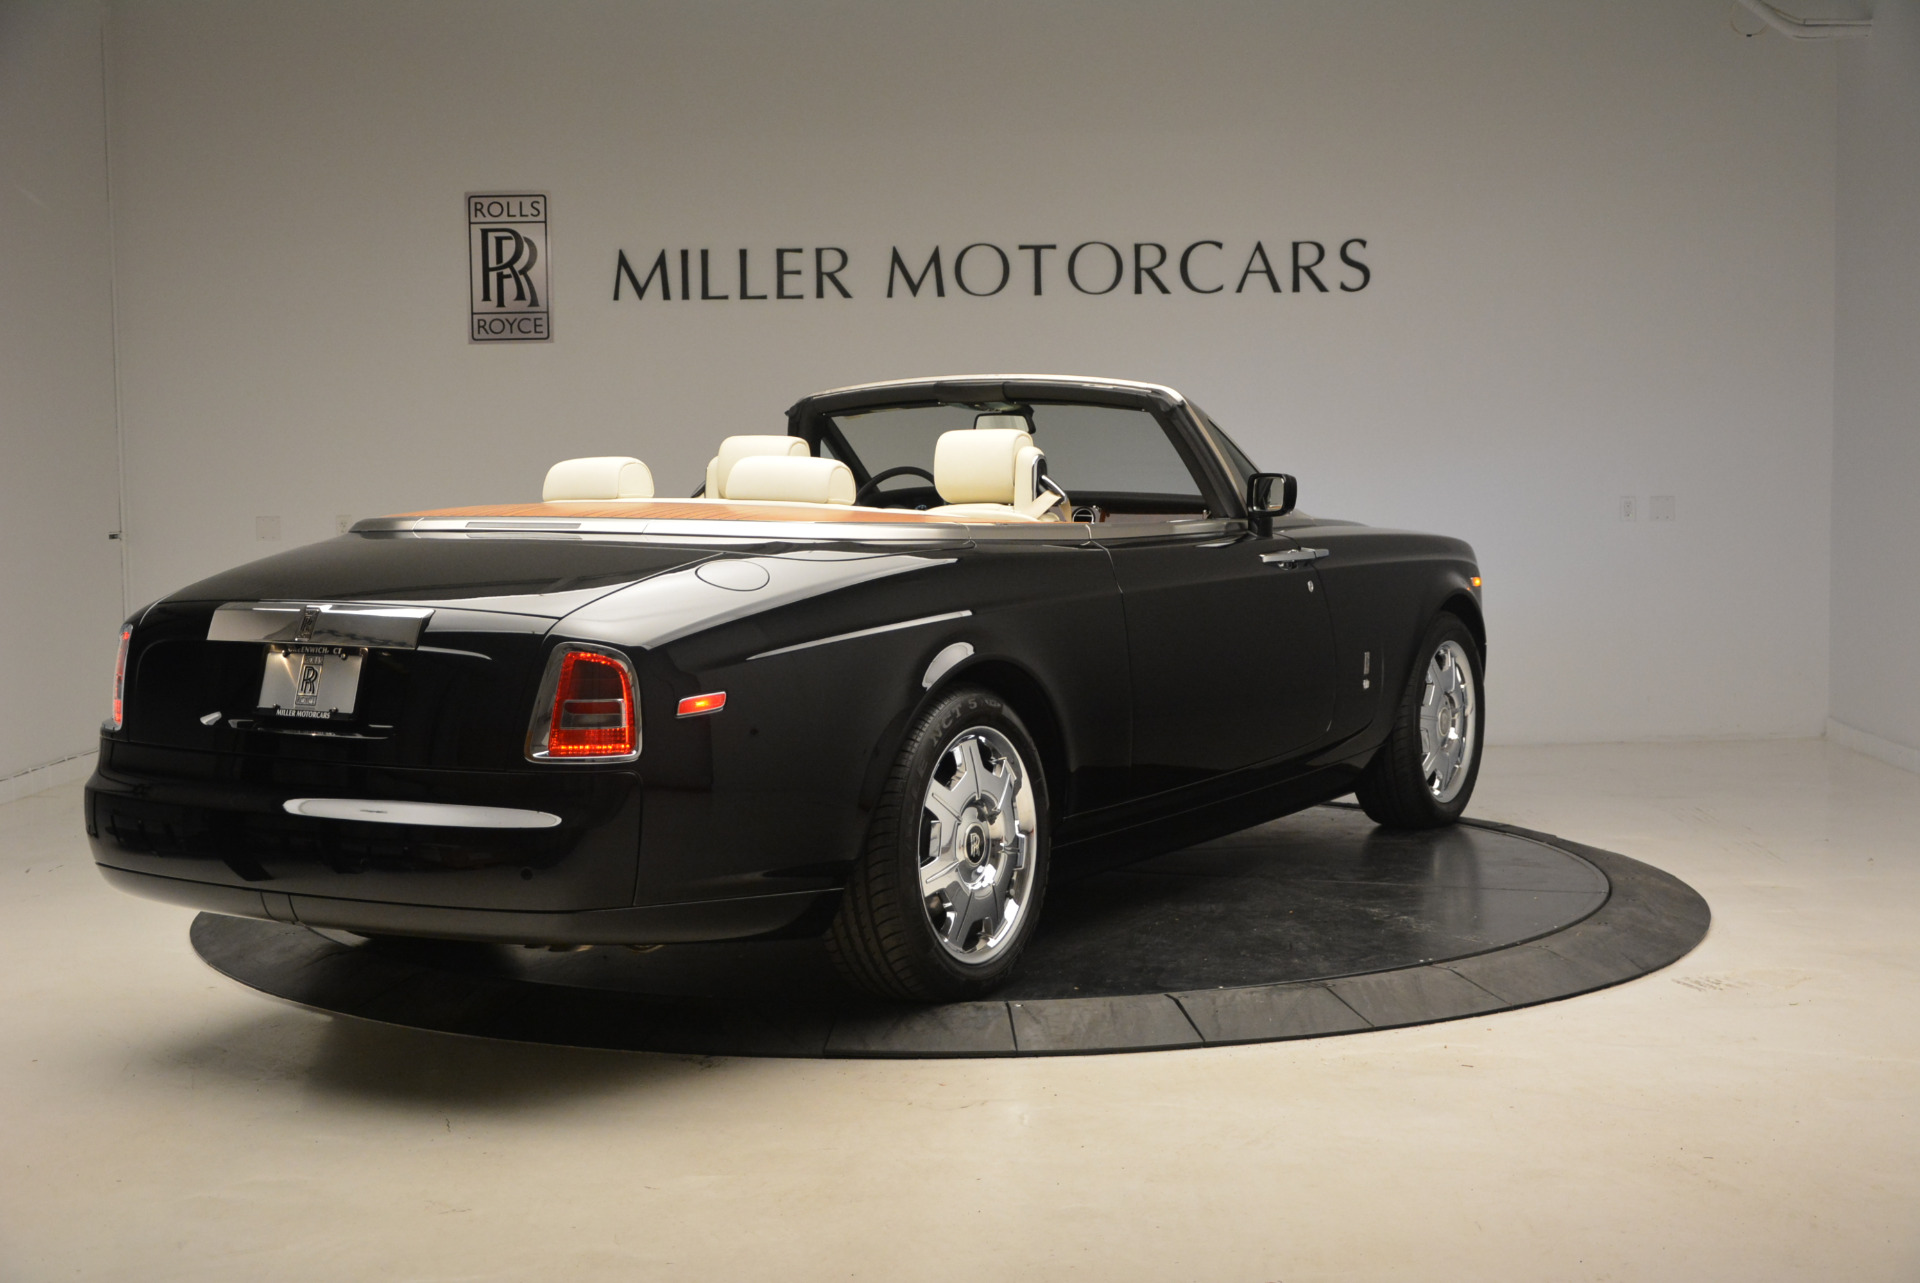 Used 2009 Rolls-Royce Phantom Drophead Coupe  For Sale In Westport, CT 1792_p8